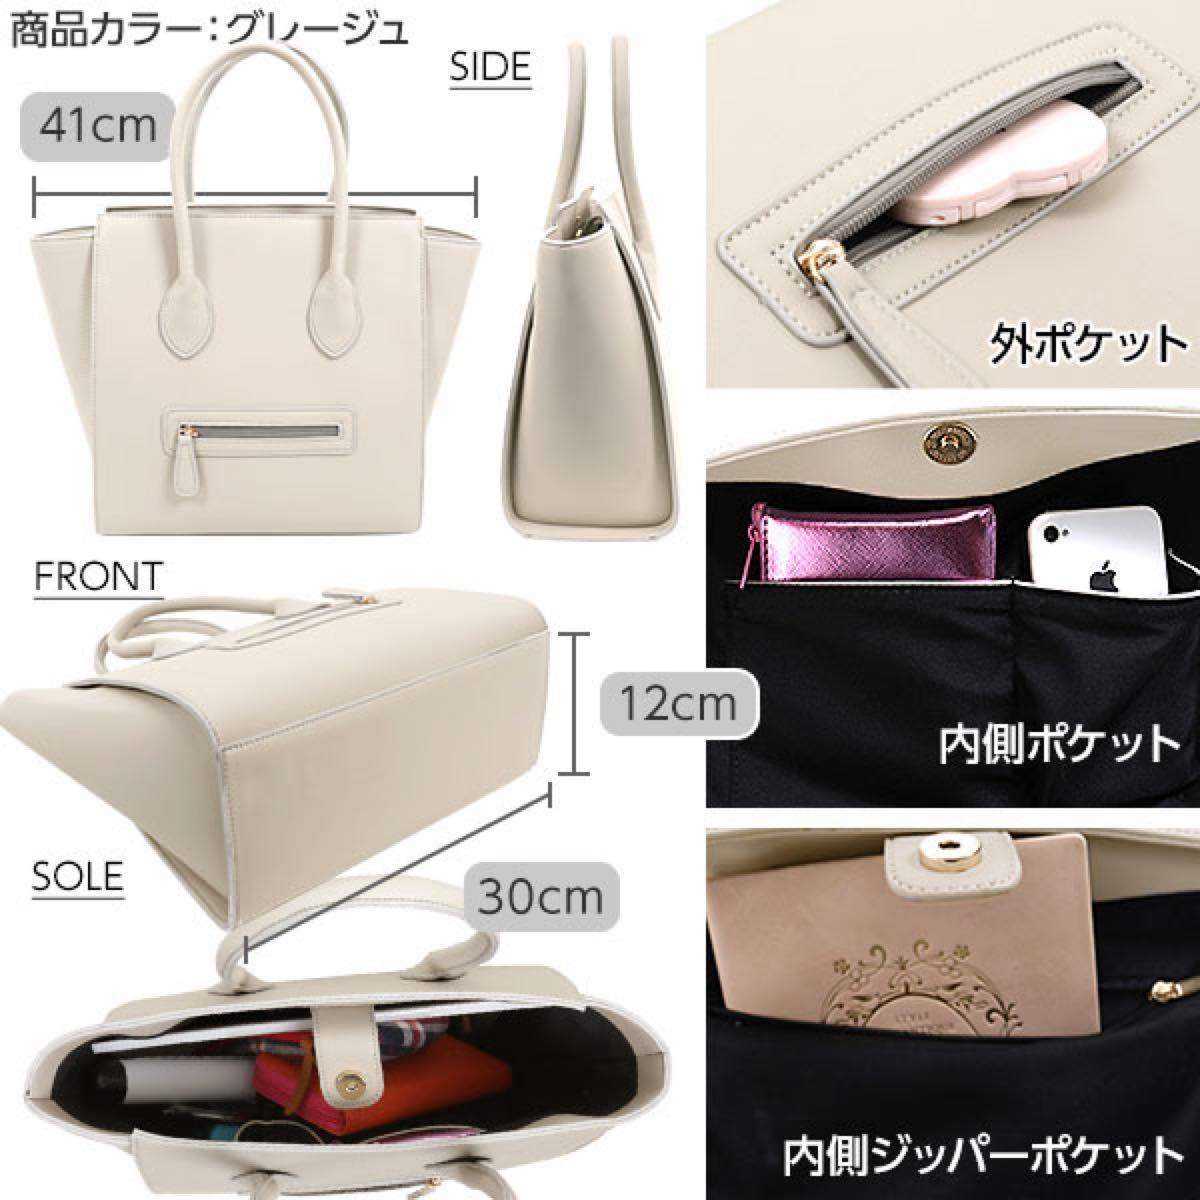 トートバッグ 神戸レタス 大きめ トートバッグ ハンドバッグ  新品 バッグ